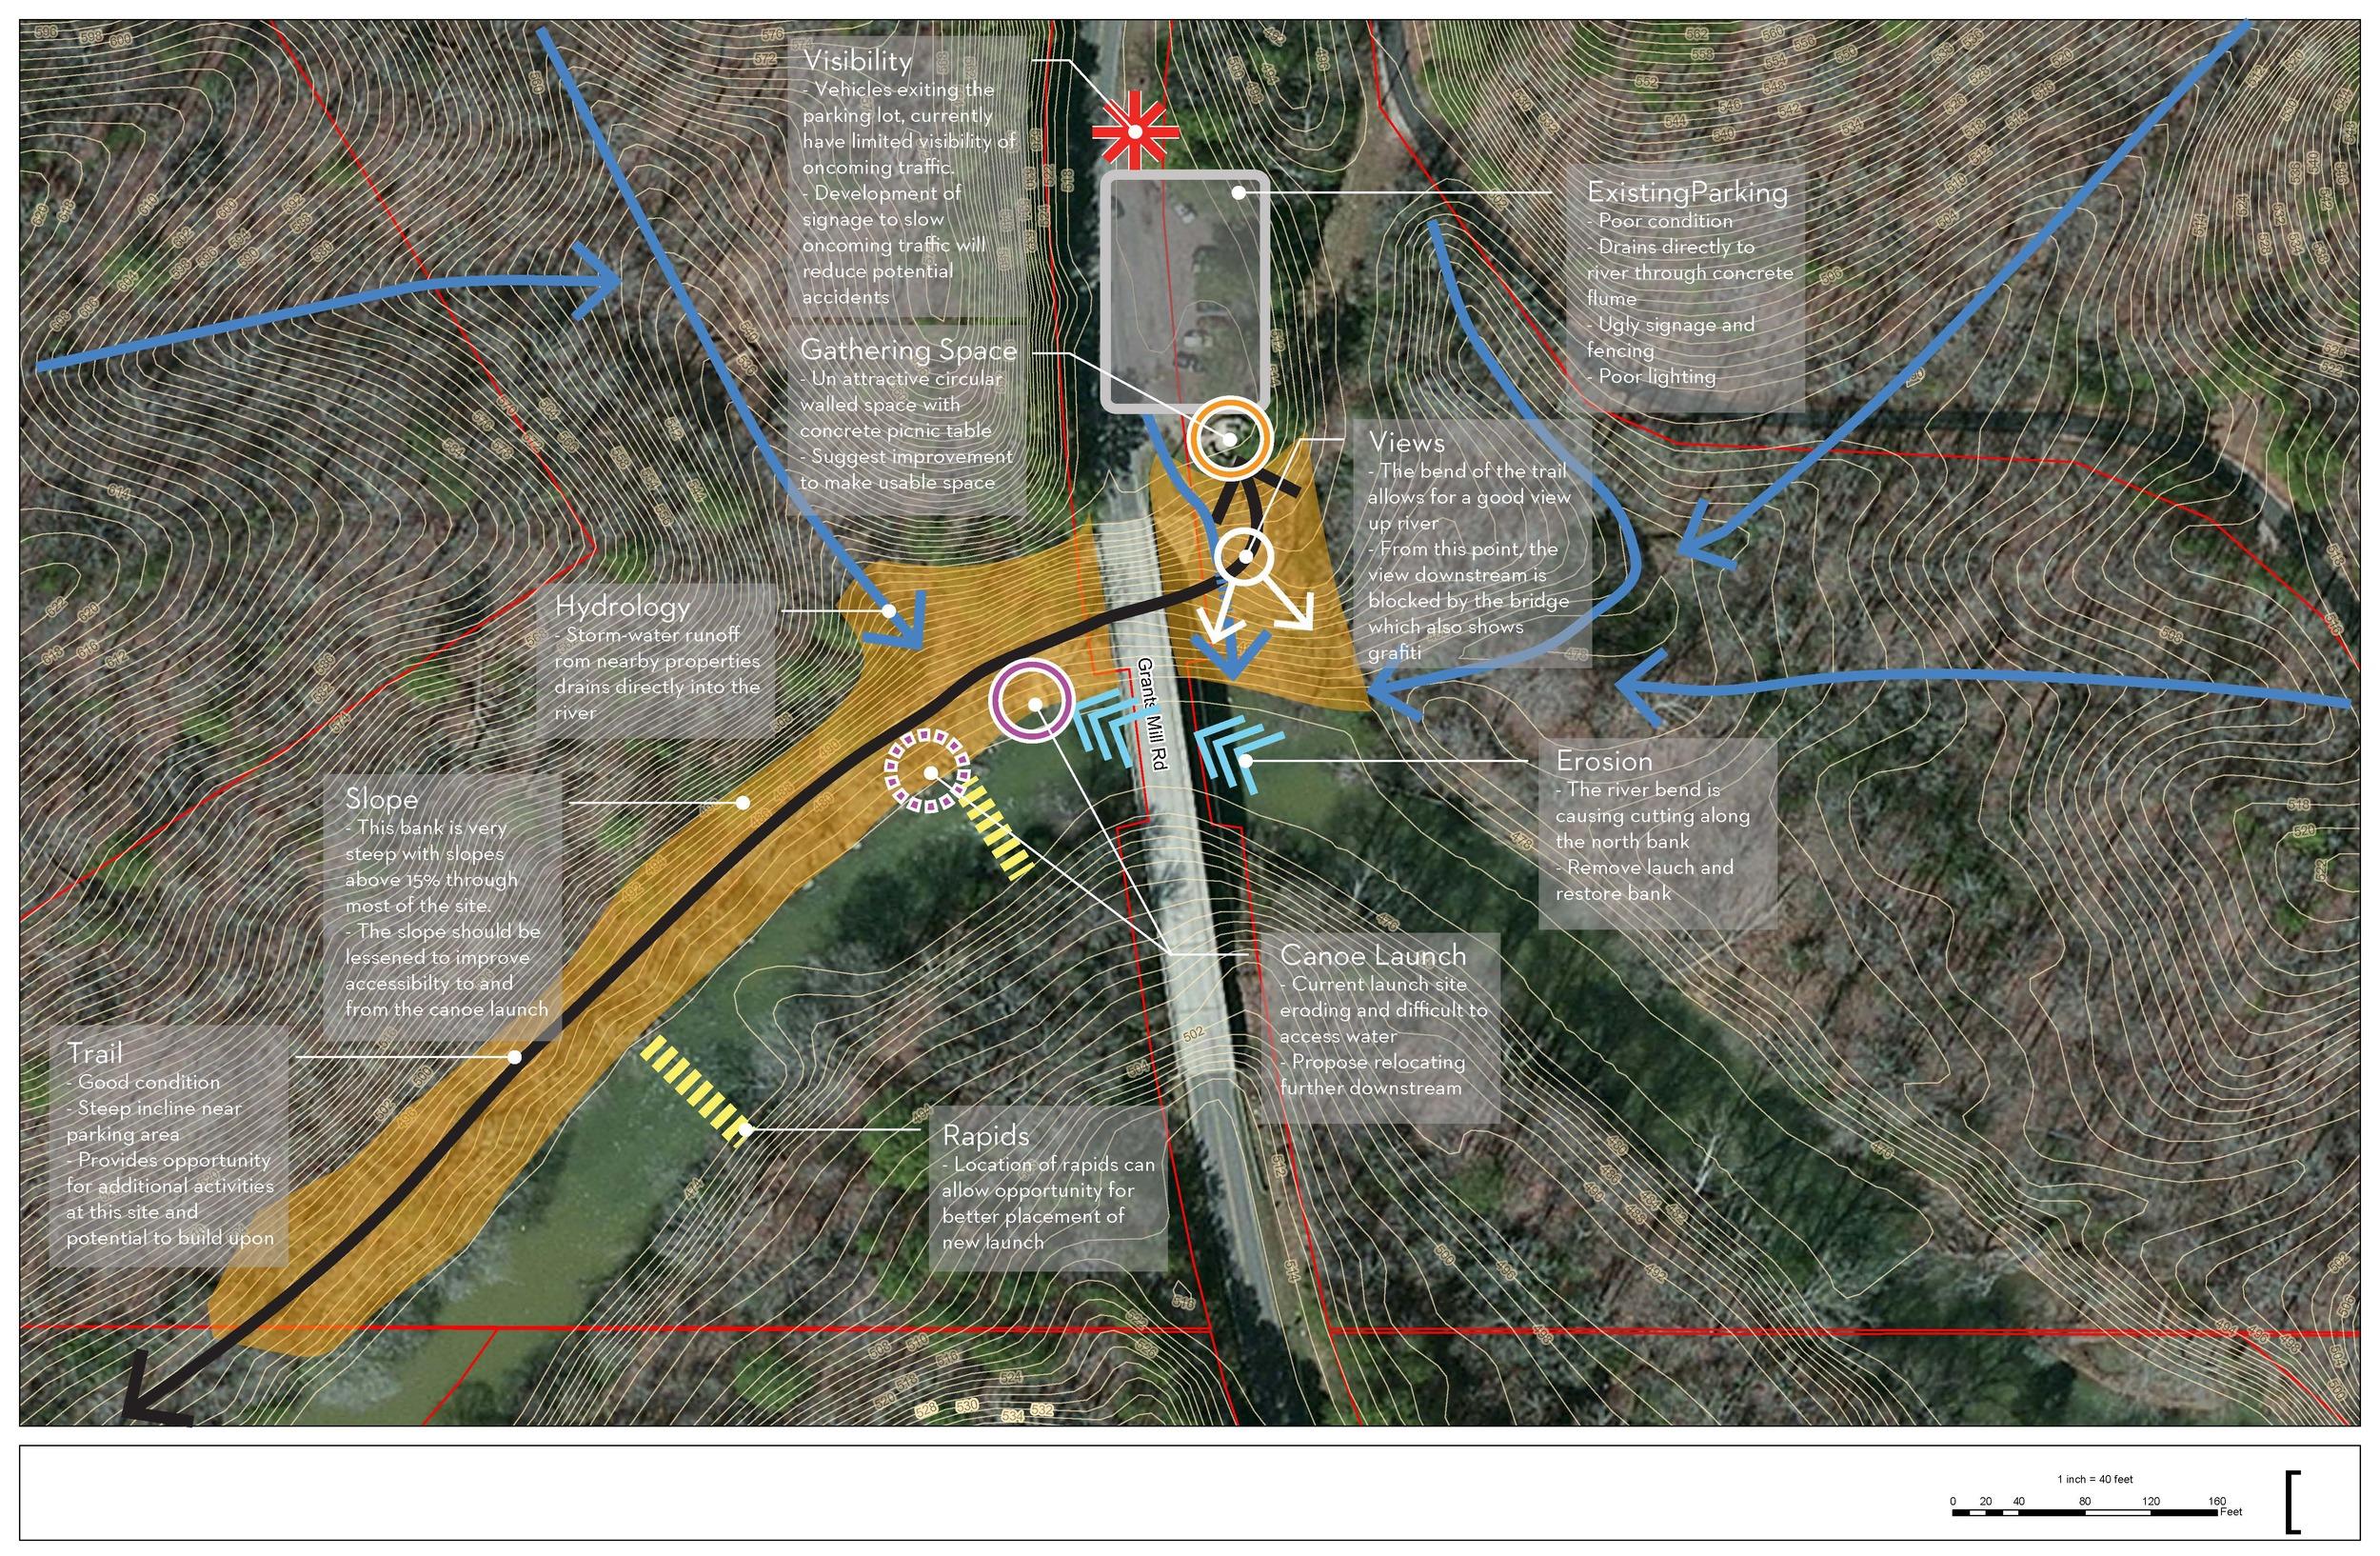 130226_canoe launch site analysis_1-40.jpg